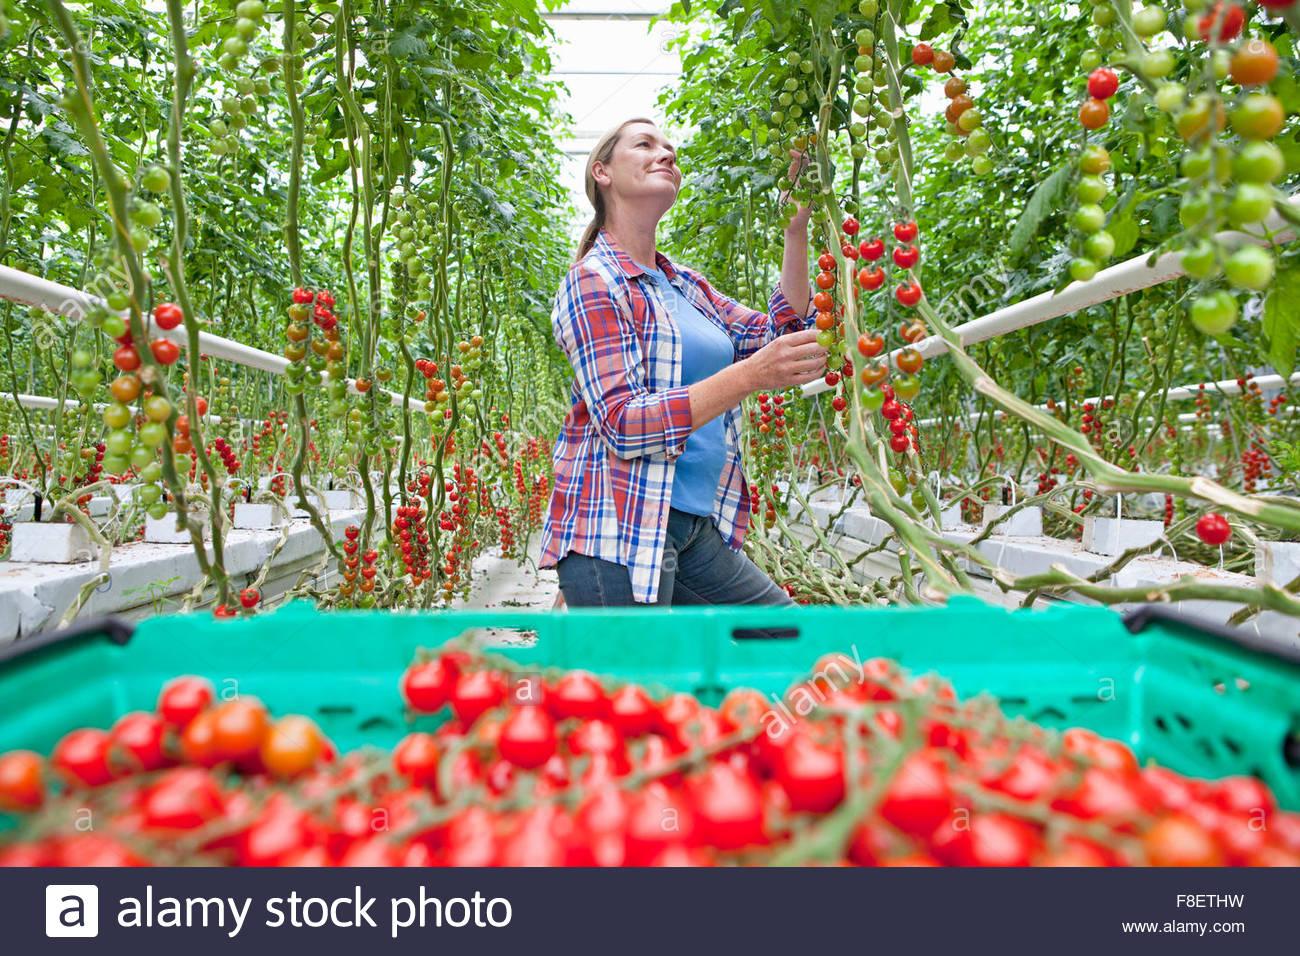 Zuchter Inspektion Und Ernte Reifer Rotwein Tomaten Im Gewachshaus